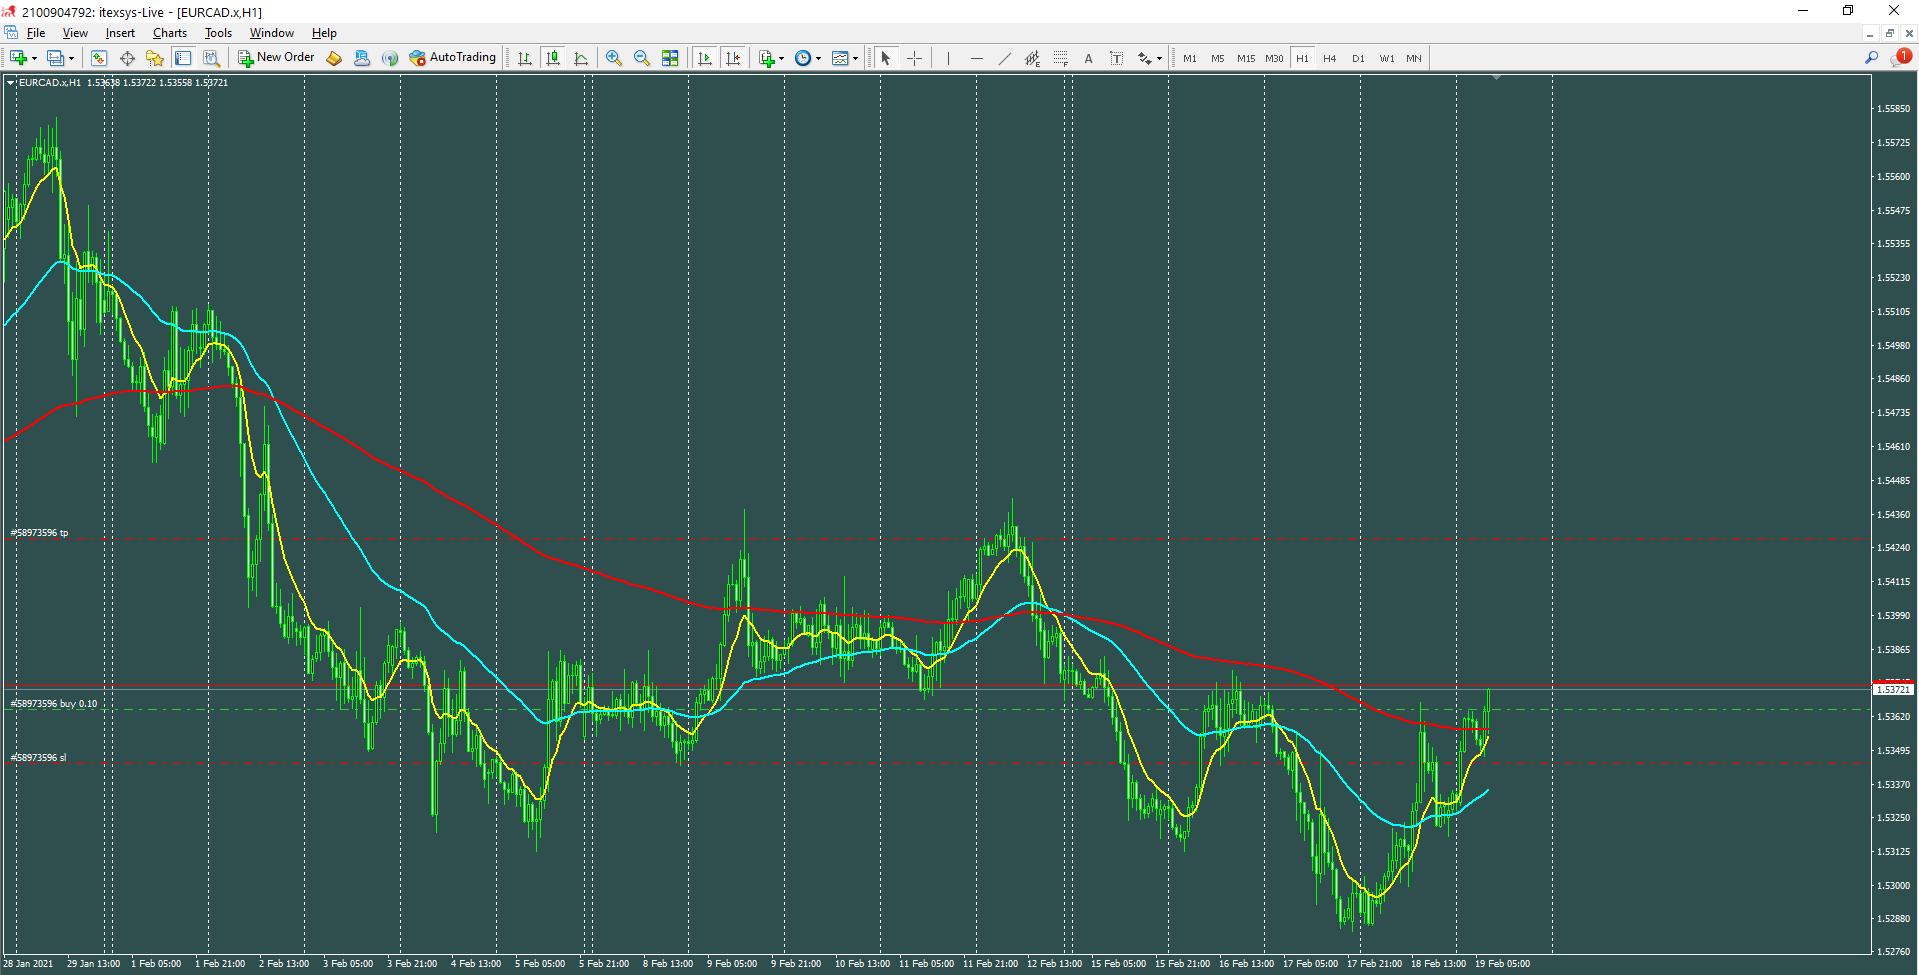 EUR/CAD H1